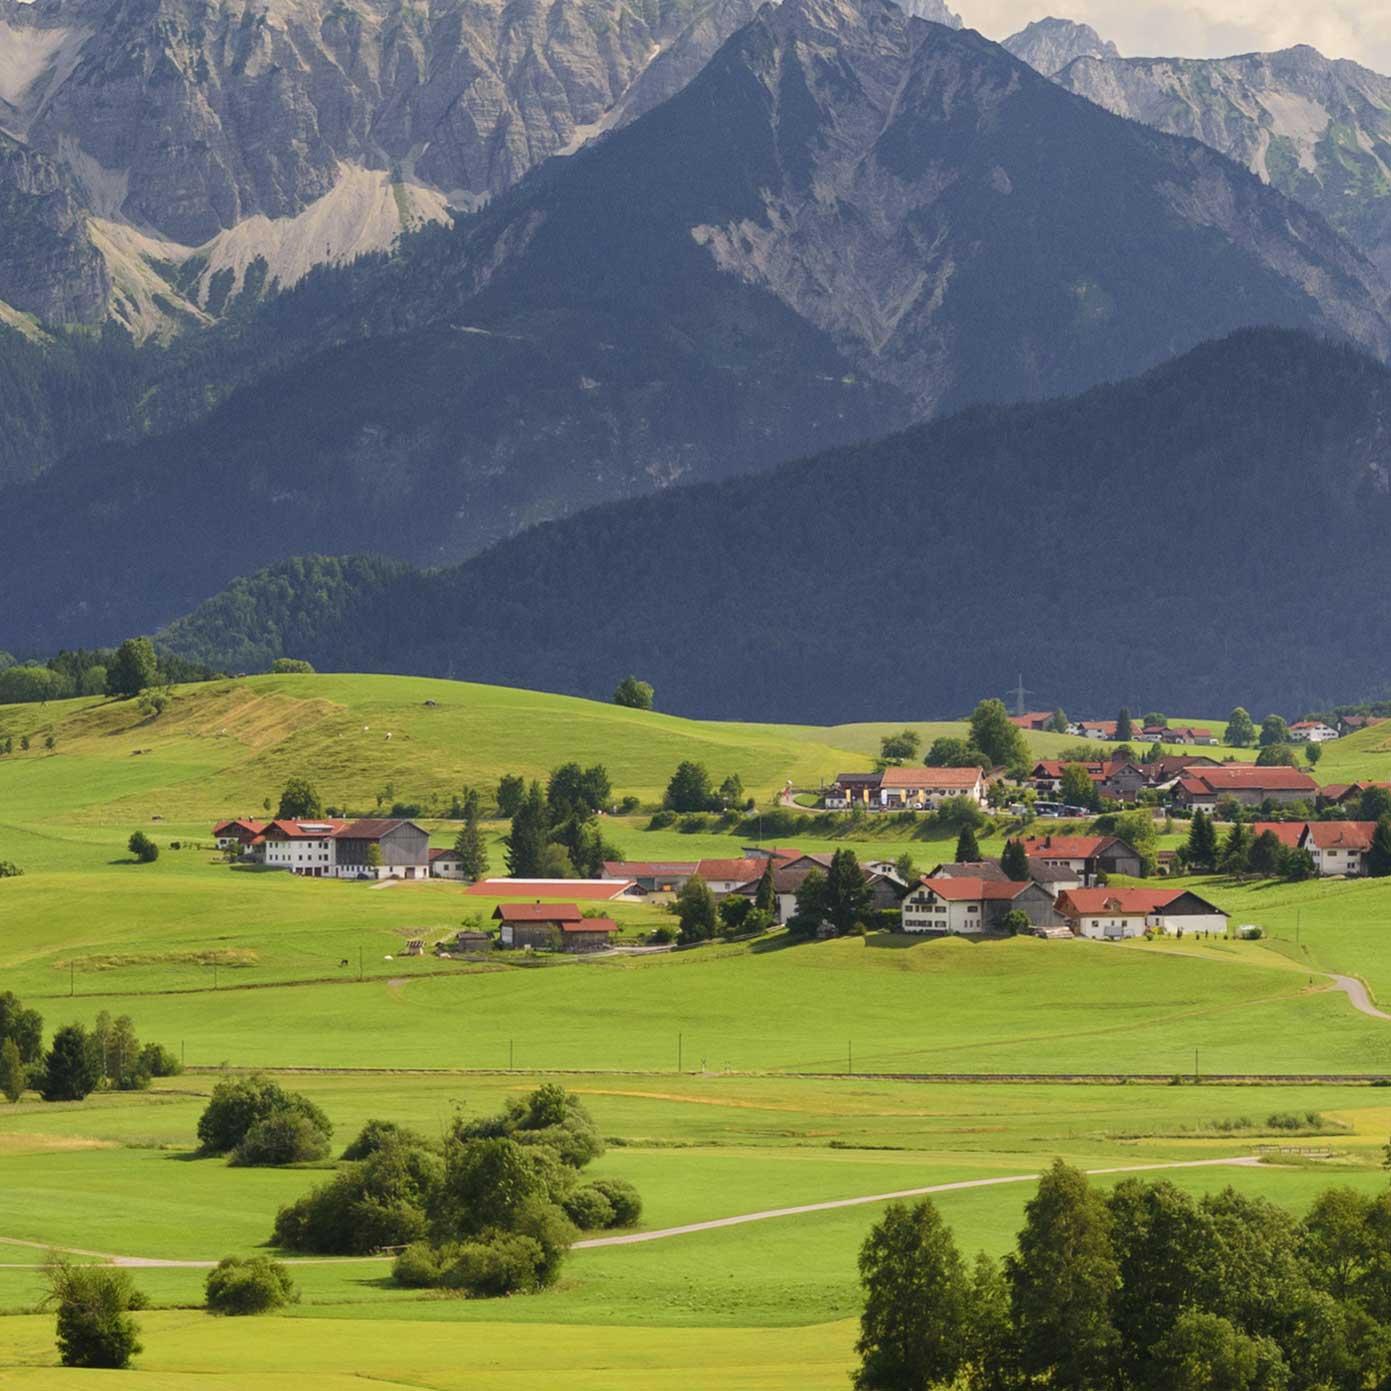 """Modellbahn Hintergrund """"Schwangau im Allgäu"""" 1"""